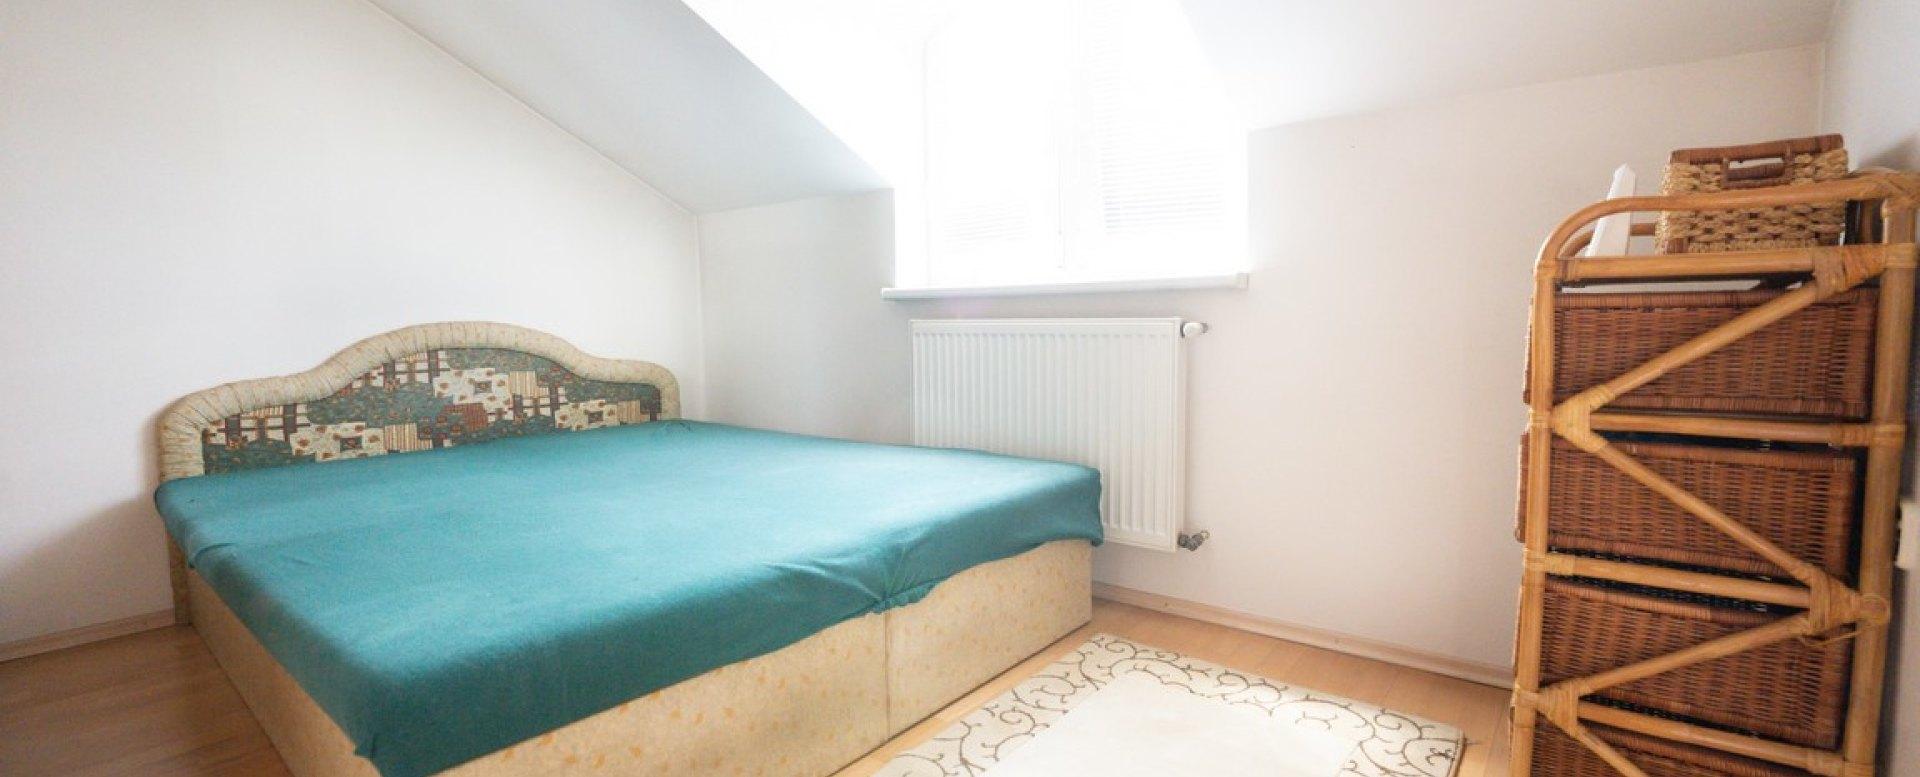 druhá spálňa v dome